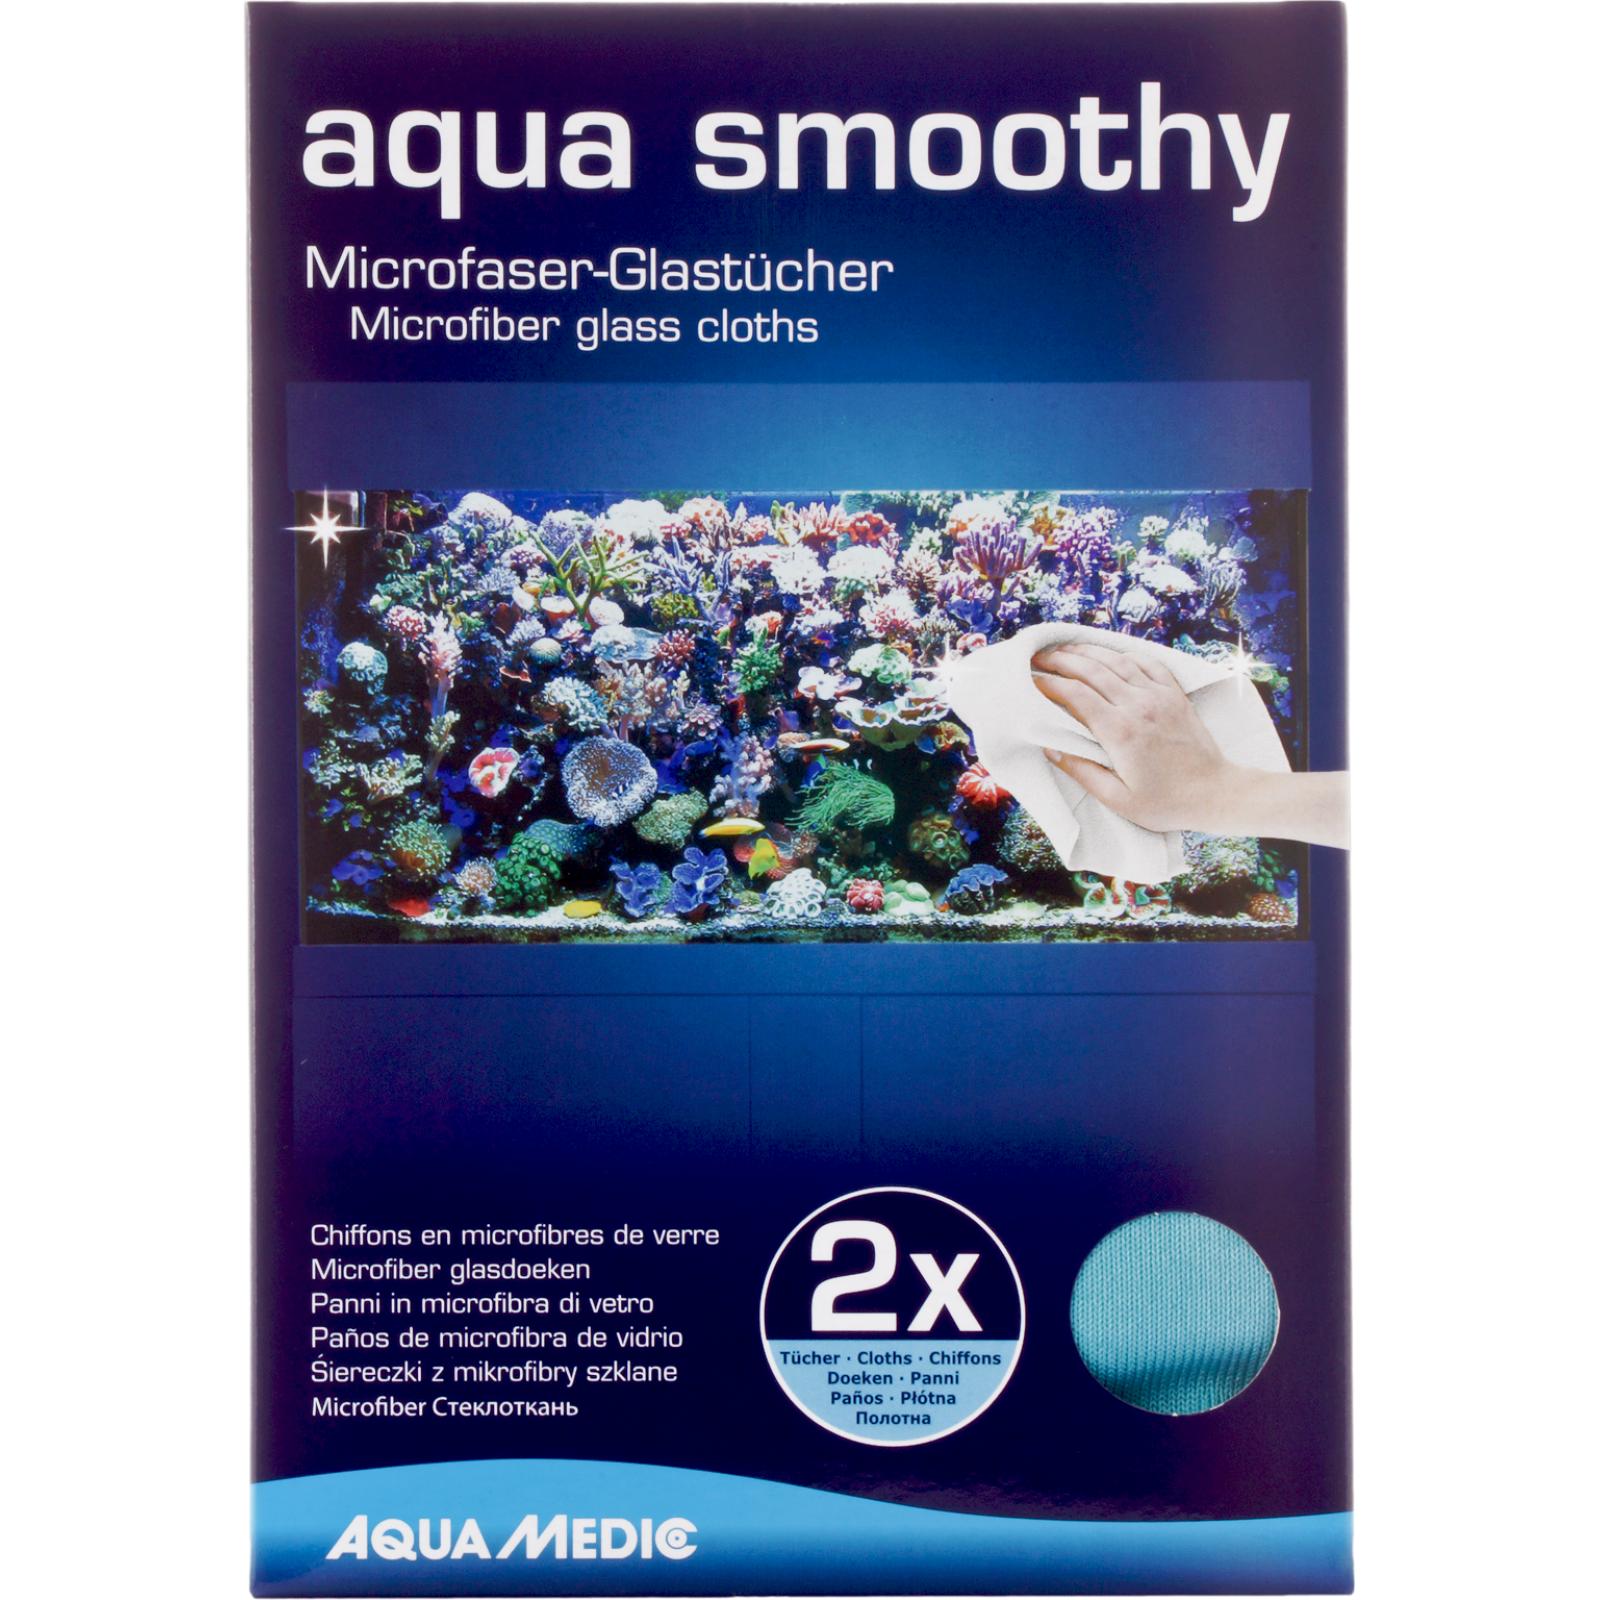 AQUA MEDIC Aqua Smoothy lot de 2 chiffons en microfibres pour le nettoyage des vitres exterieurs de l\'aquarium